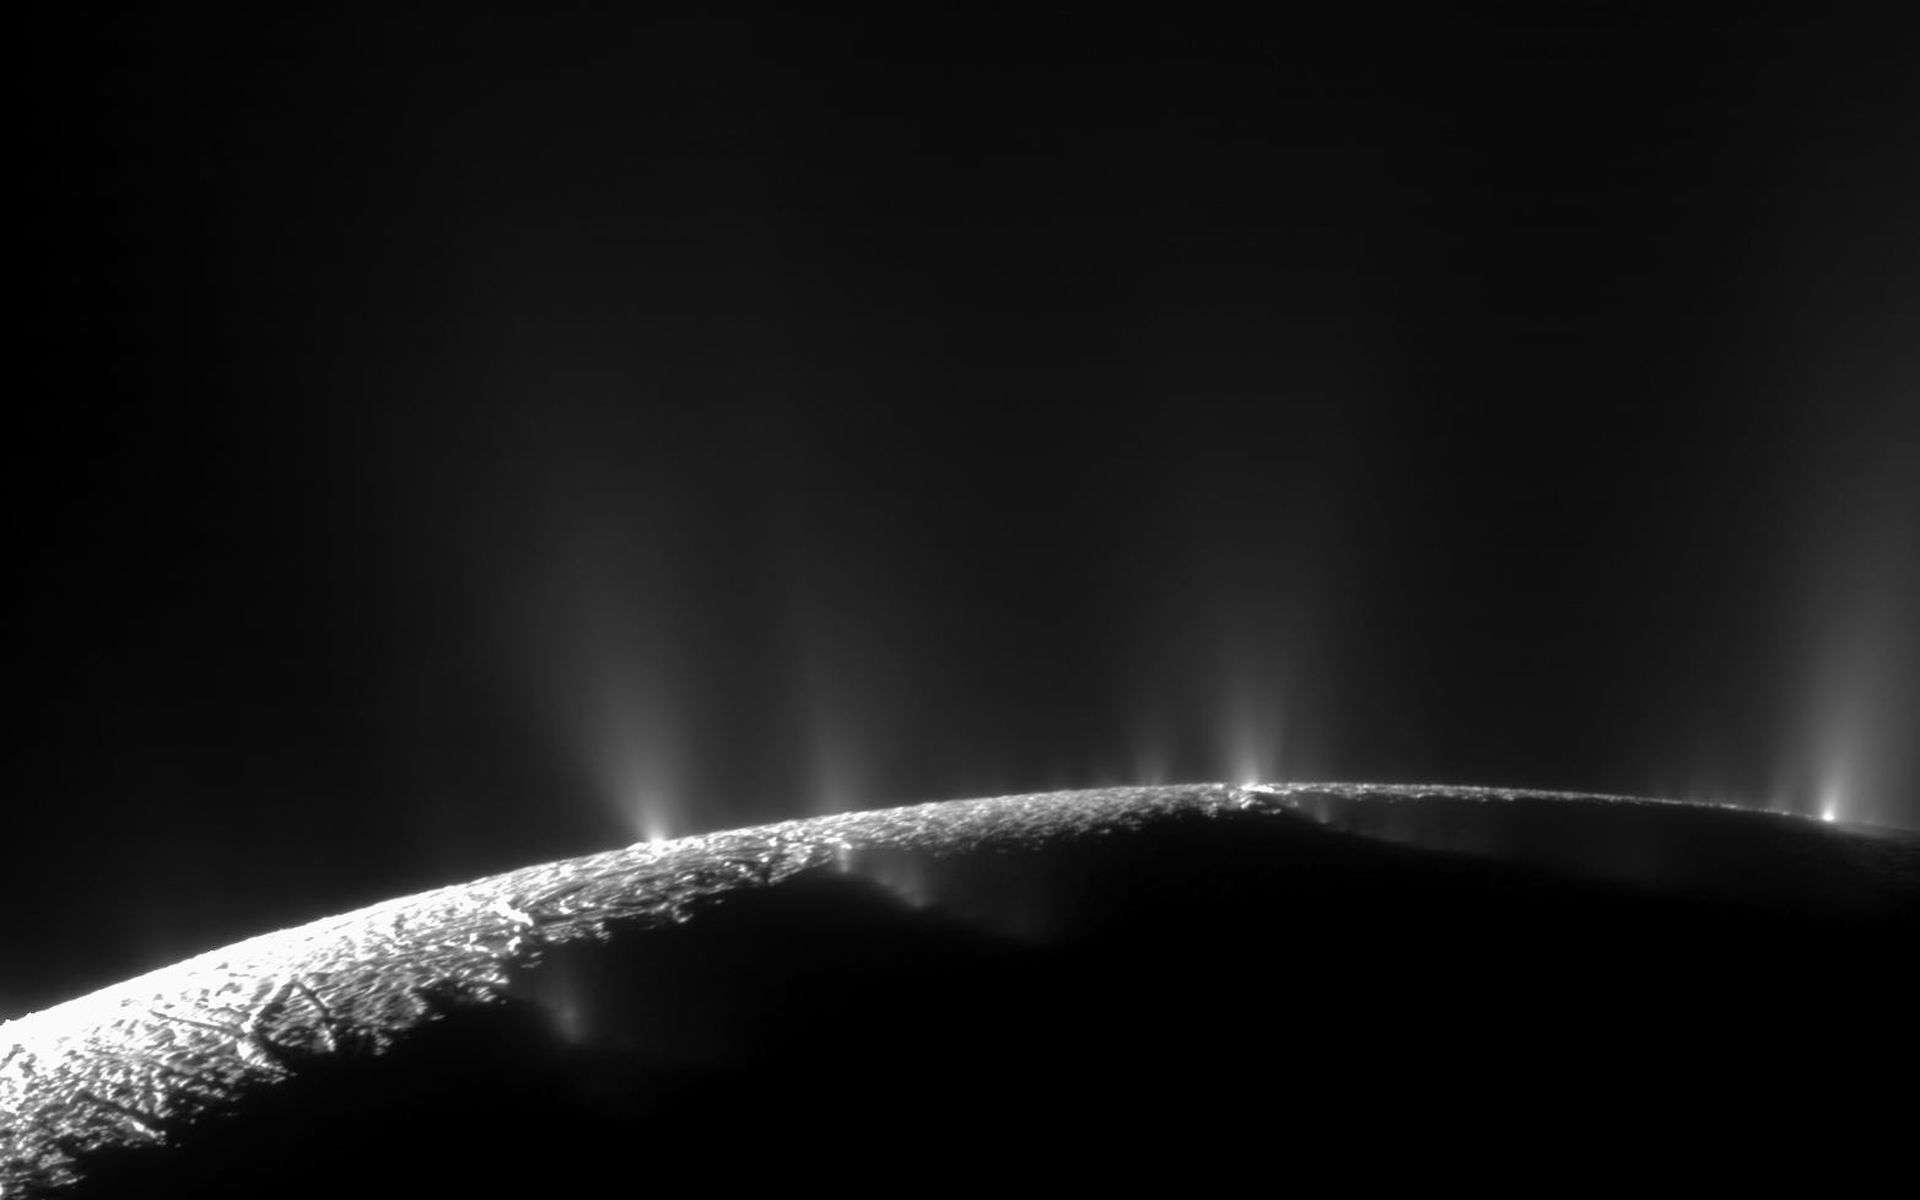 Pas moins de 30 jets ont été identifiés sur cette image d'Encelade, prise dans la région du pôle sud par la sonde Cassini le 21 novembre 2009. Mais d'où vient l'énergie à l'intérieur de cette lune ? © Nasa, JPL, Space Science Institute